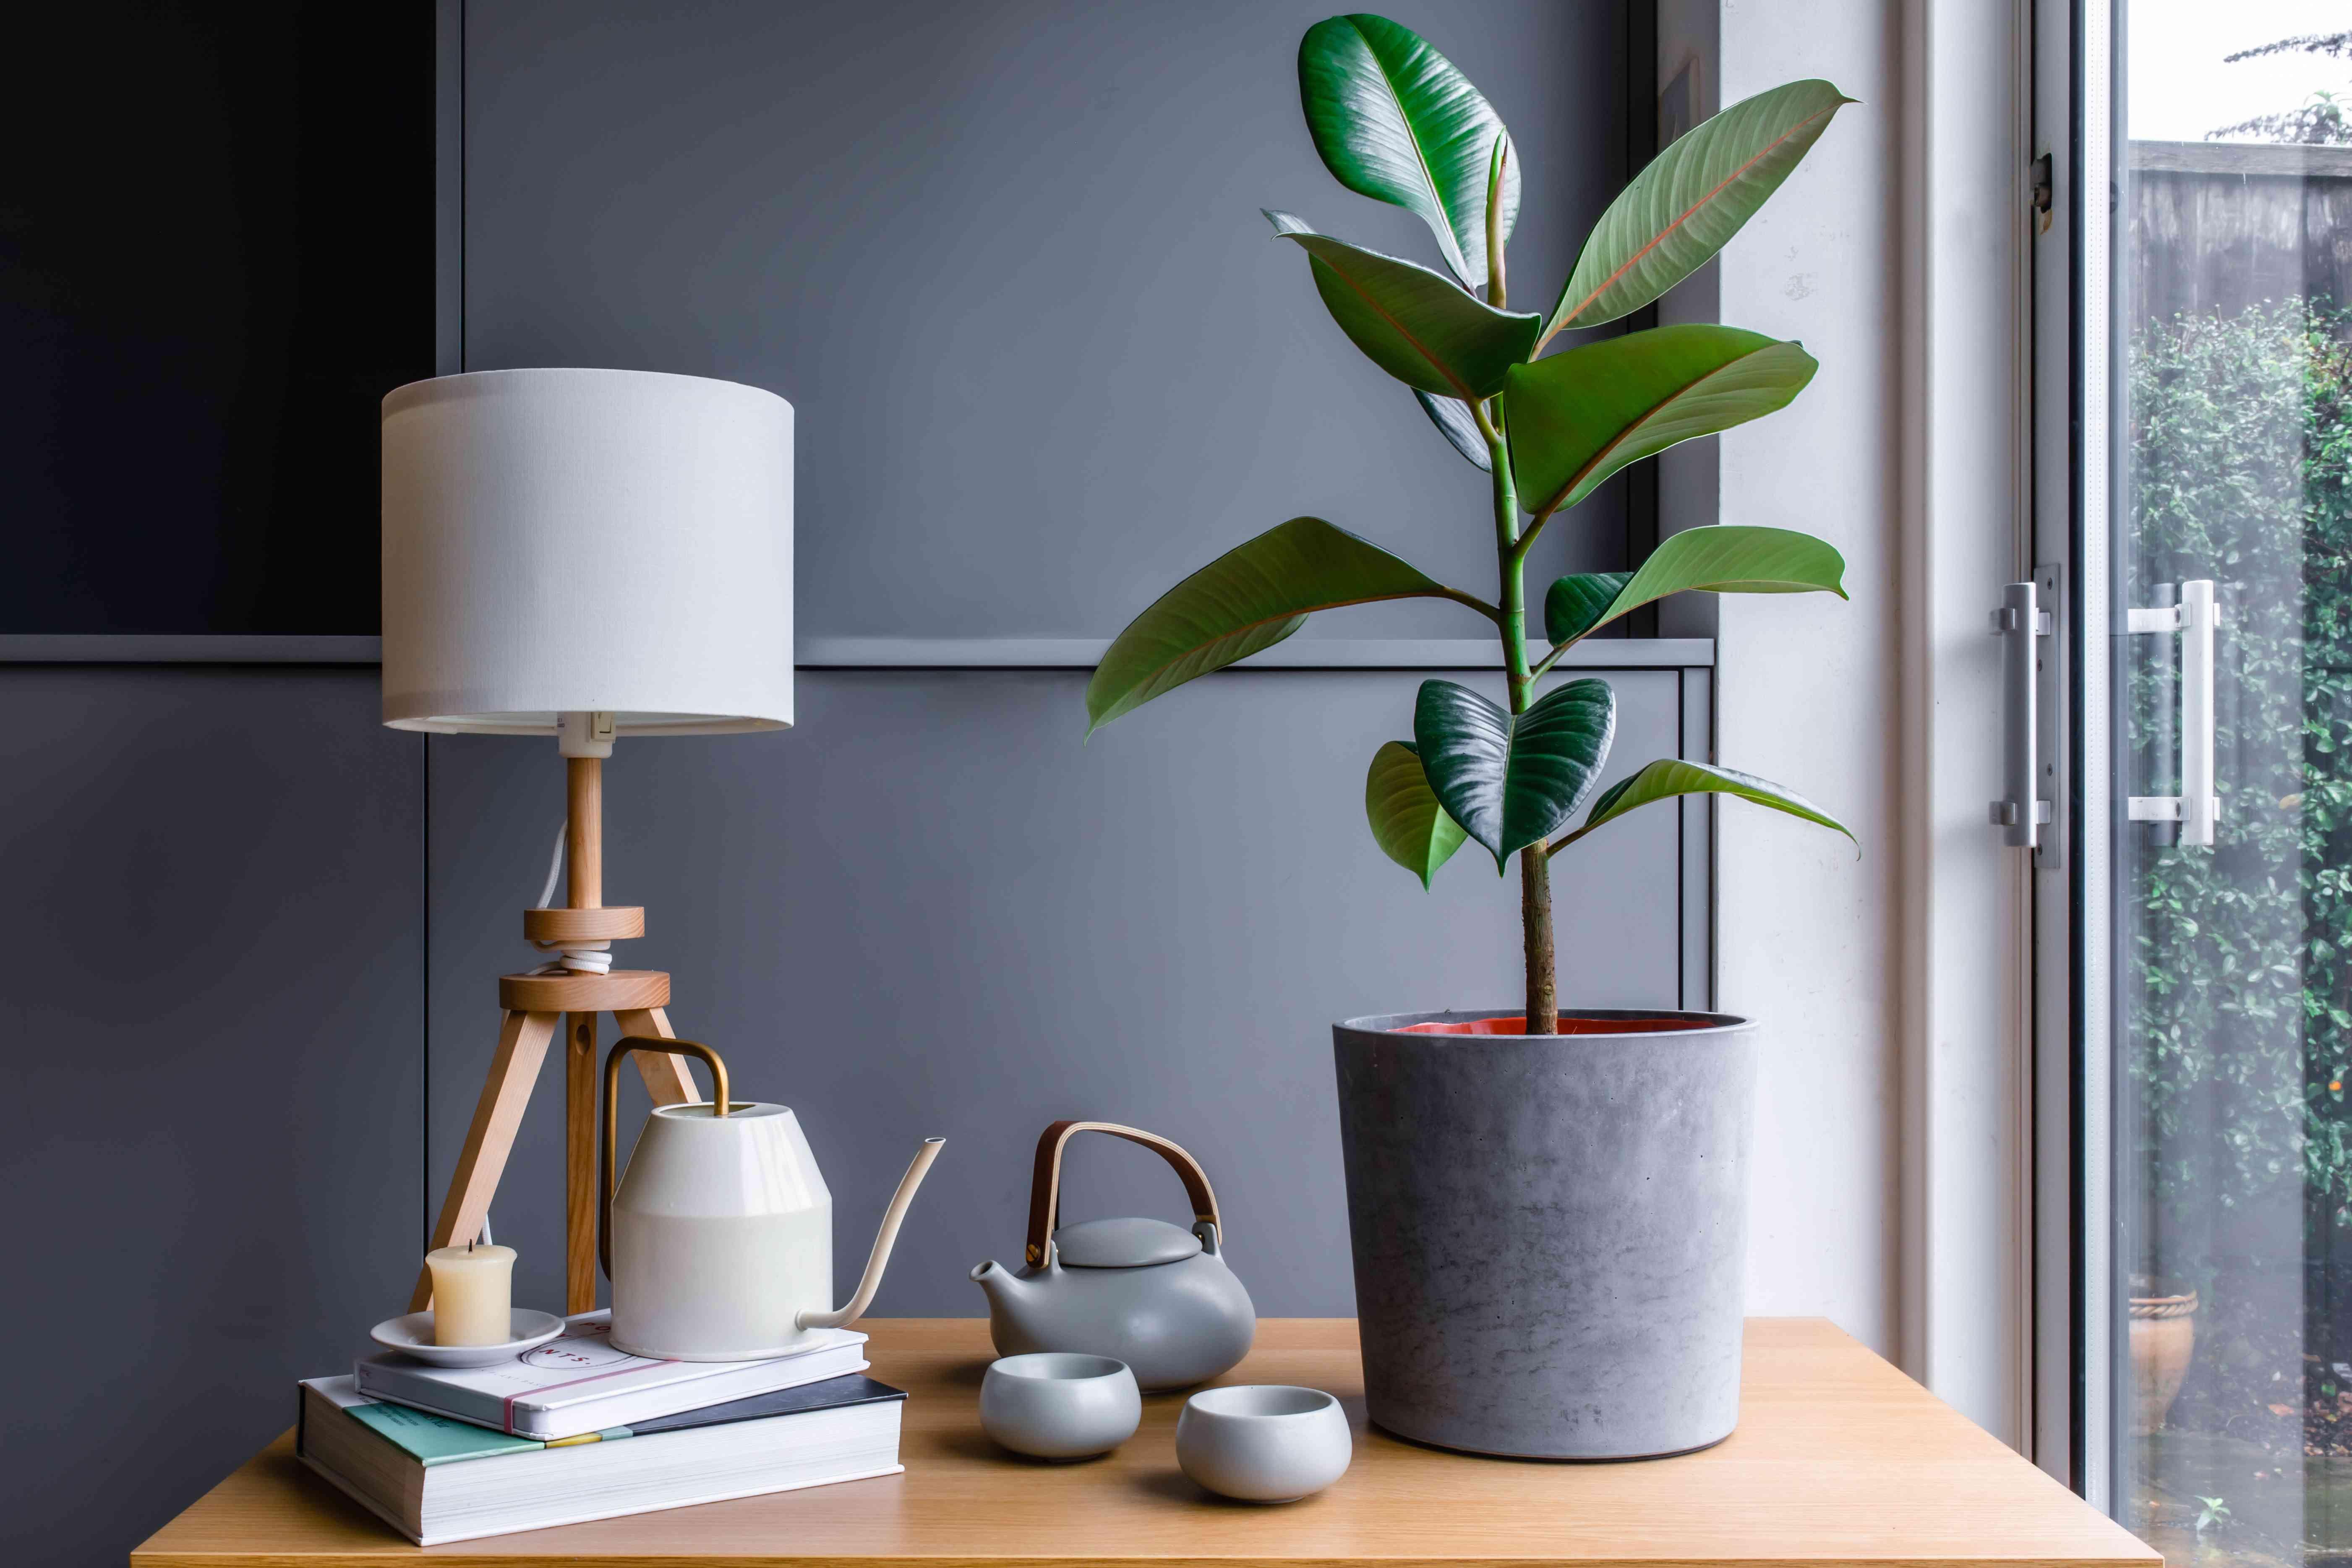 un árbol de caucho en un apartamento